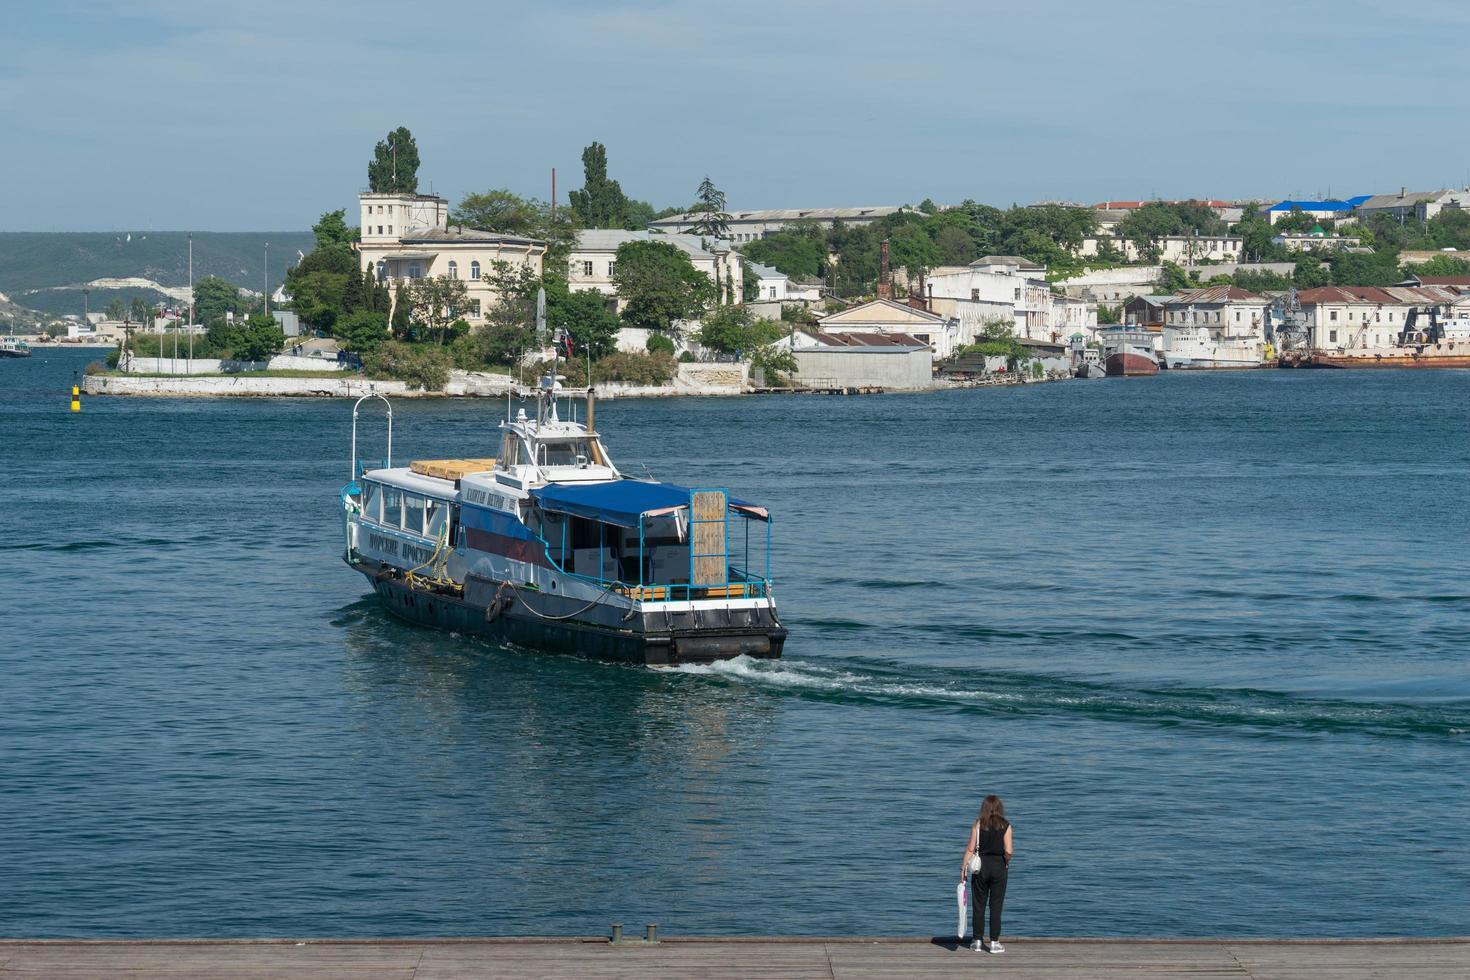 fritidsbåt på bakgrunden av havet och det urbana landskapet. foto